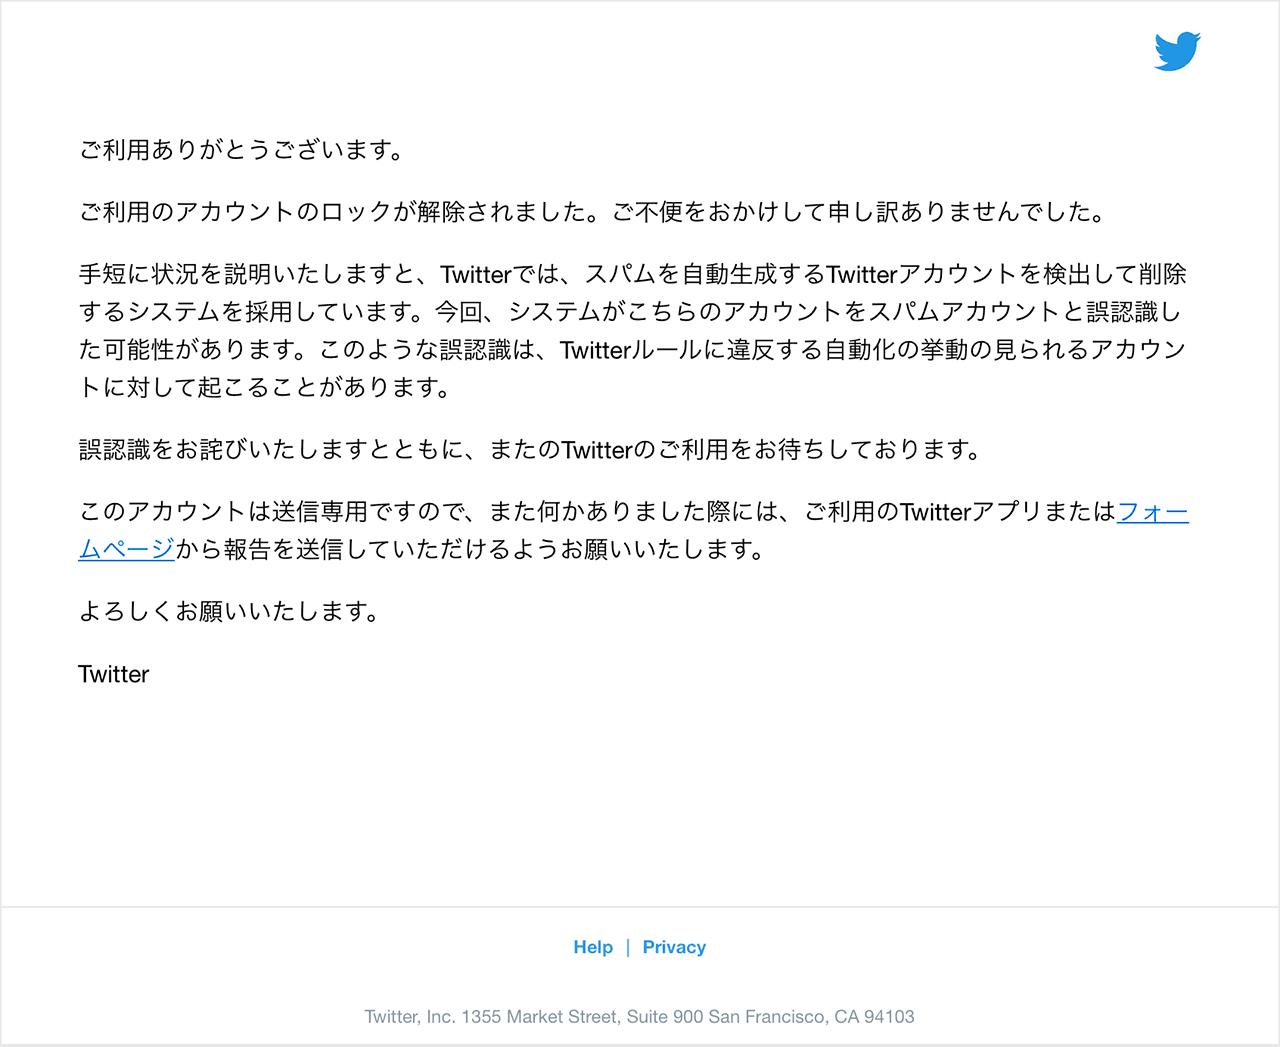 ご利用ありがとうございます。ご利用のアカウントのロックが解除されました。ご不便をおかけして申し訳ありませんでした。手短に状況を説明いたしますと、Twitterでは、スパムを自動生成するTwitterアカウントを検出して削除するシステムを採用しています。今回、システムがこちらのアカウントをスパムアカウントと誤認識した可能性があります。このような誤認識は、Twitterルールに違反する自動化の挙動の見られるアカウントに対して起こることがあります。誤認識をお詫びいたしますとともに、またのTwitterのご利用をお待ちしております。このアカウントは送信専用ですので、また何かありました際には、ご利用のTwitterアプリまたはフォームページから報告を送信していただけるようお願いいたします。よろしくお願いいたします。Twitter